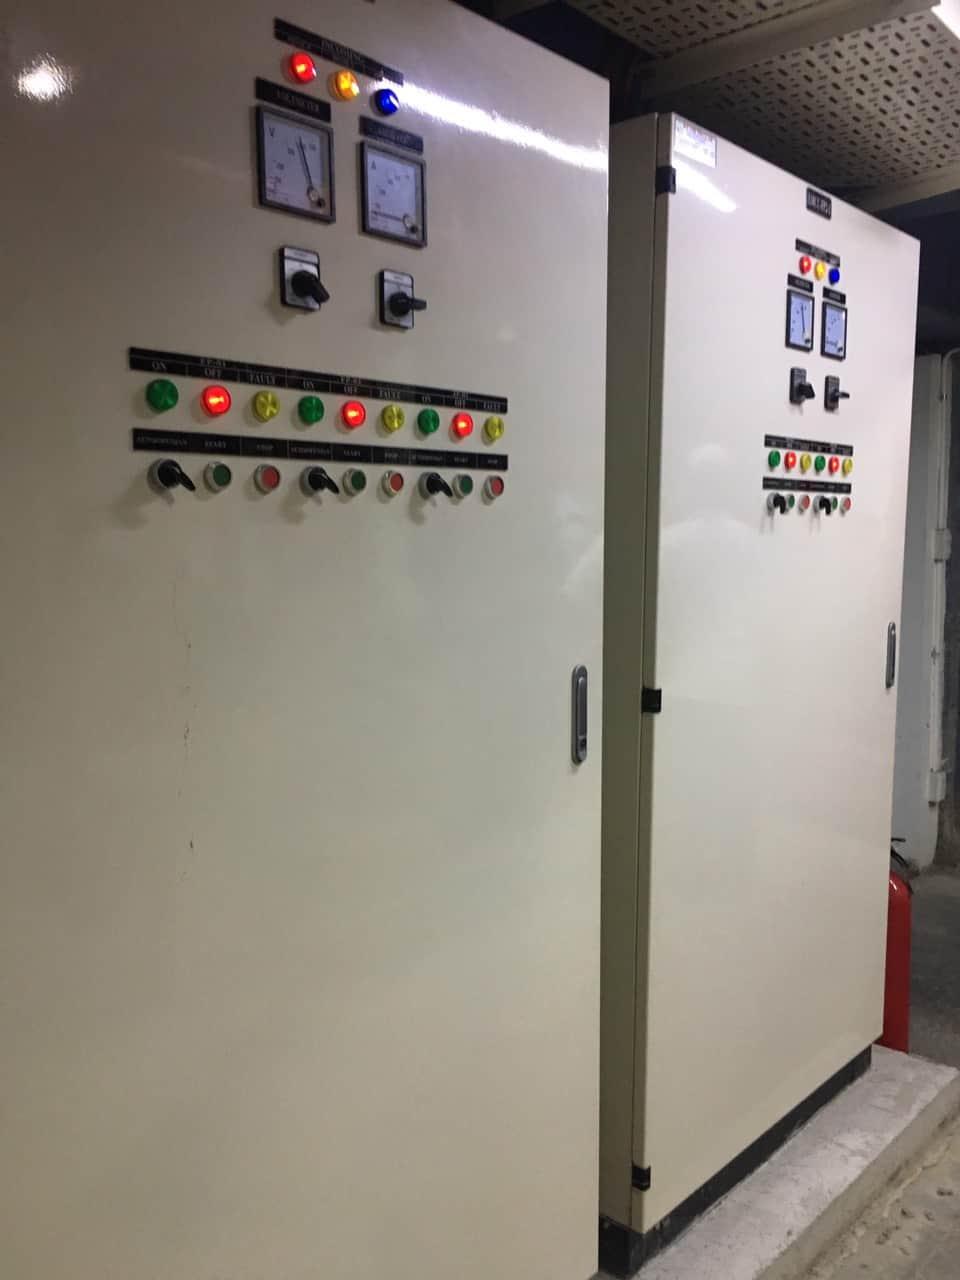 Thi Công - Thiết Kế & Lắp Đặt Hệ Thống PCCC Văn Phòng